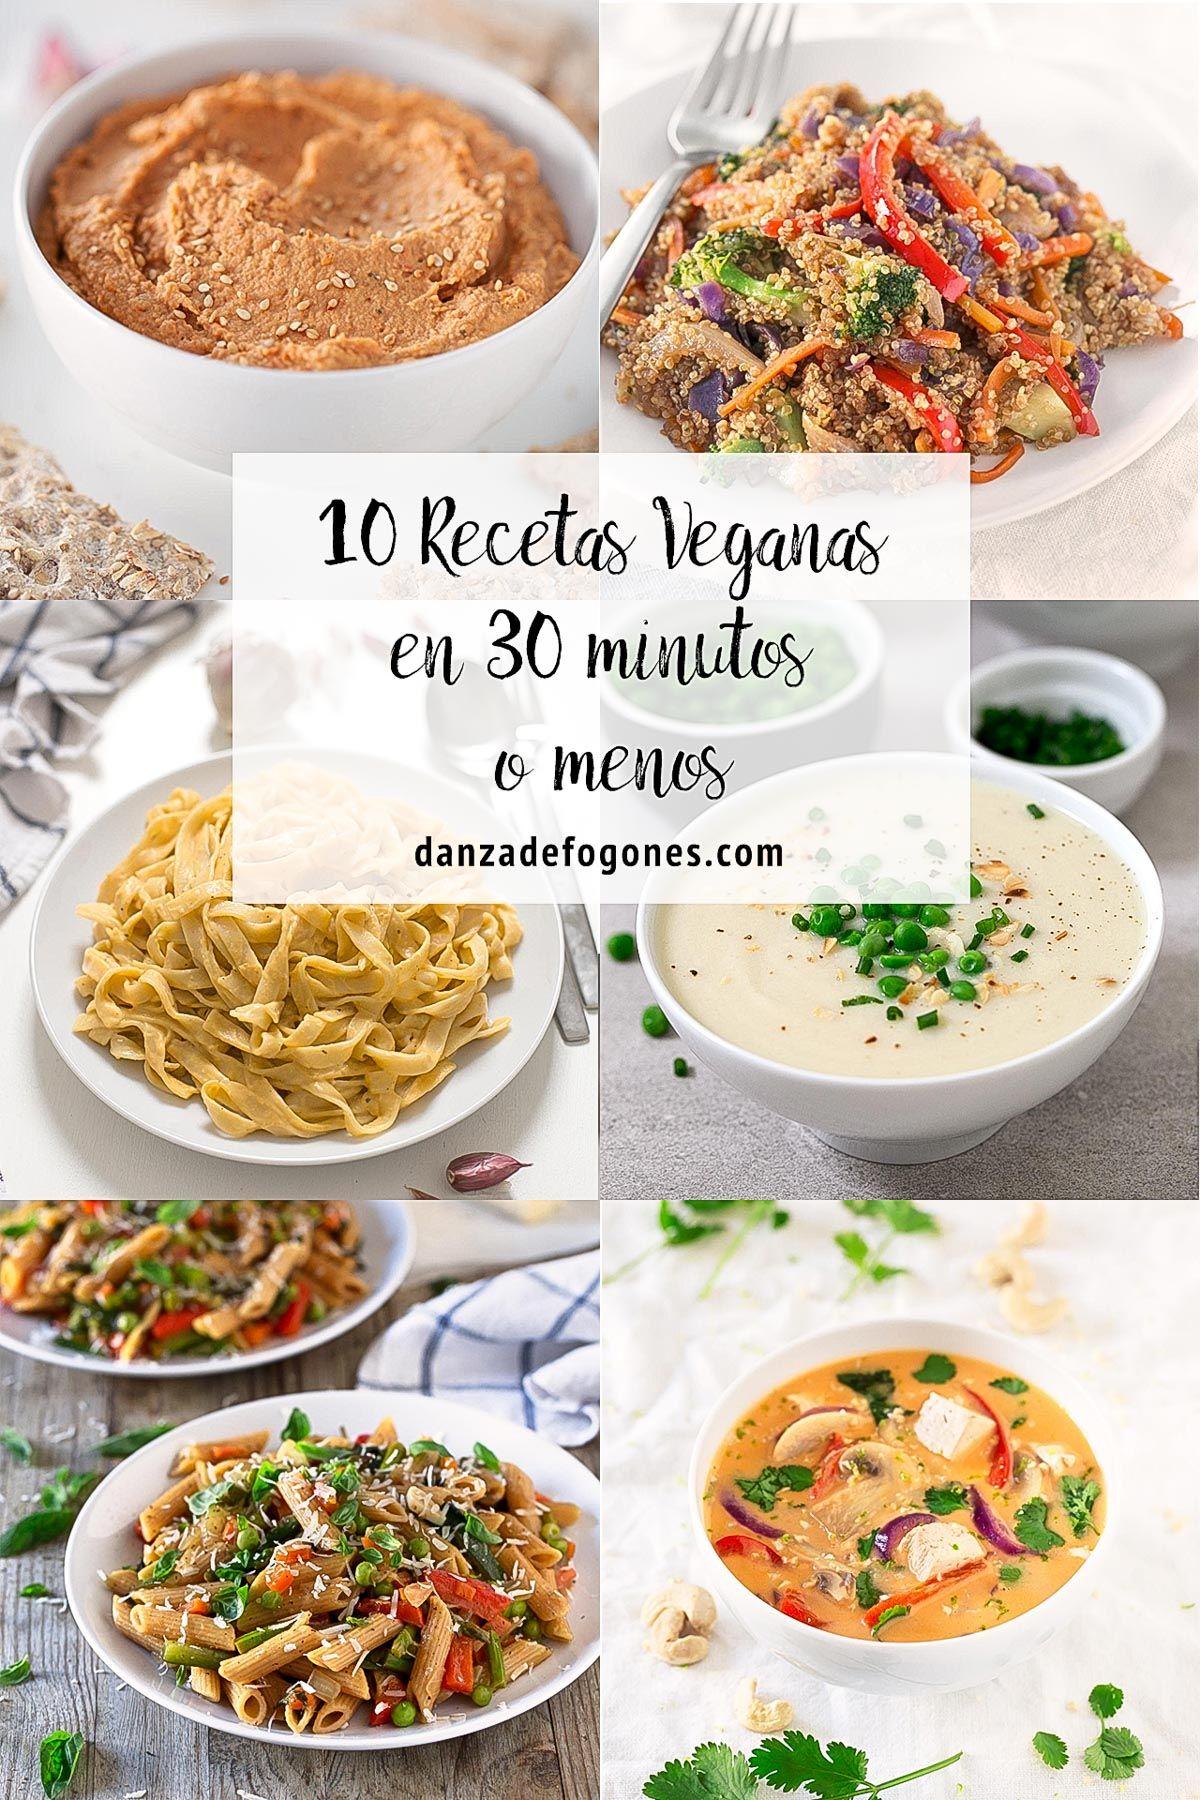 10 Recetas Veganas en 30 Minutos o Menos  Recetas